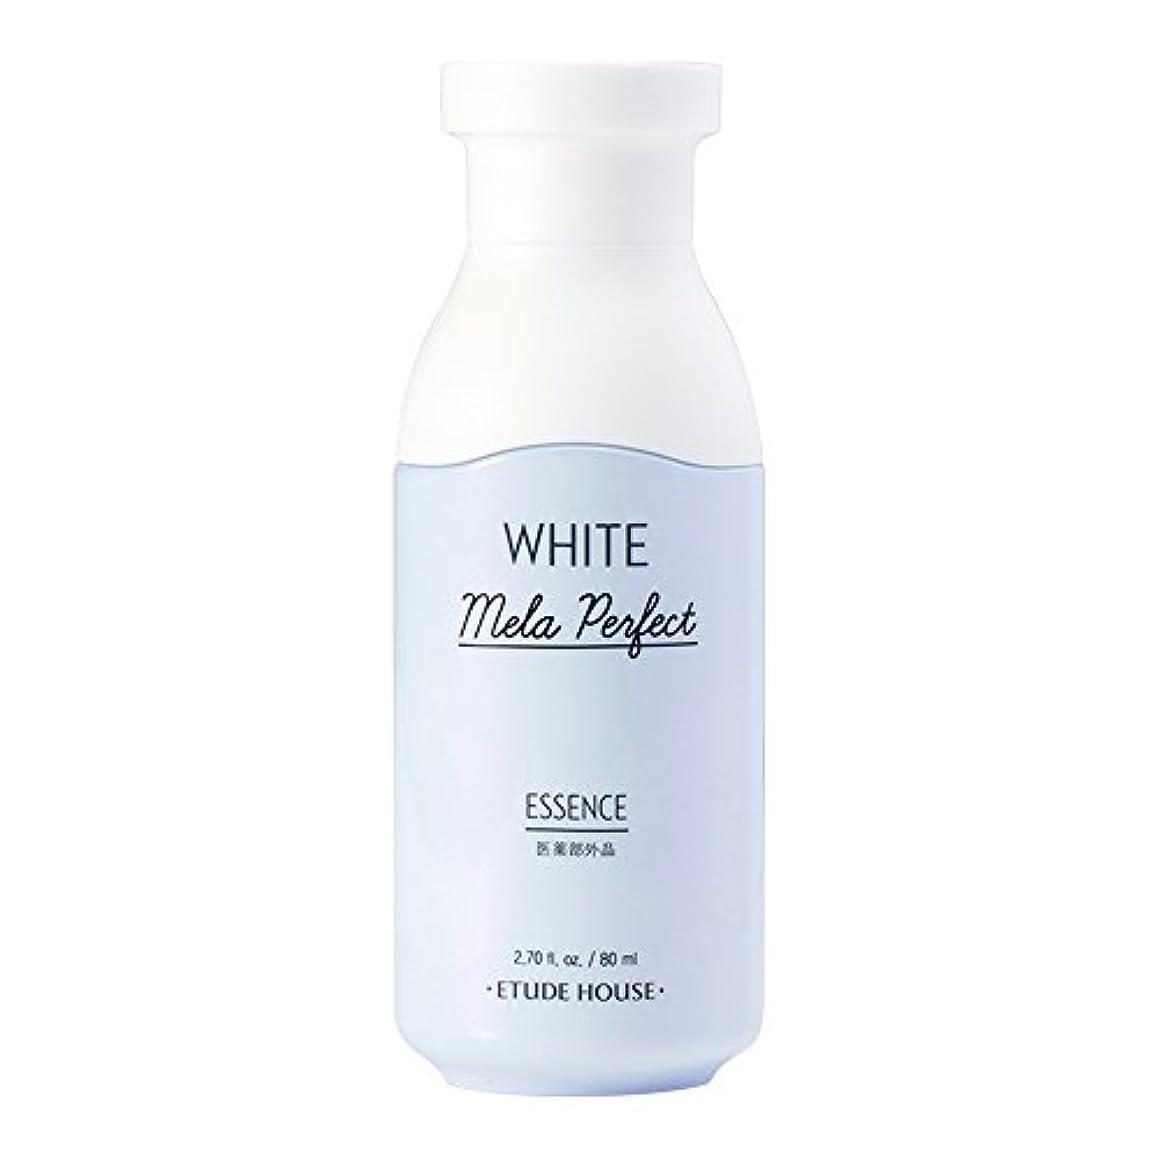 雑多な成人期コードレスエチュードハウス(ETUDE HOUSE) ホワイトメラパーフェクト エッセンス「美白美容液」